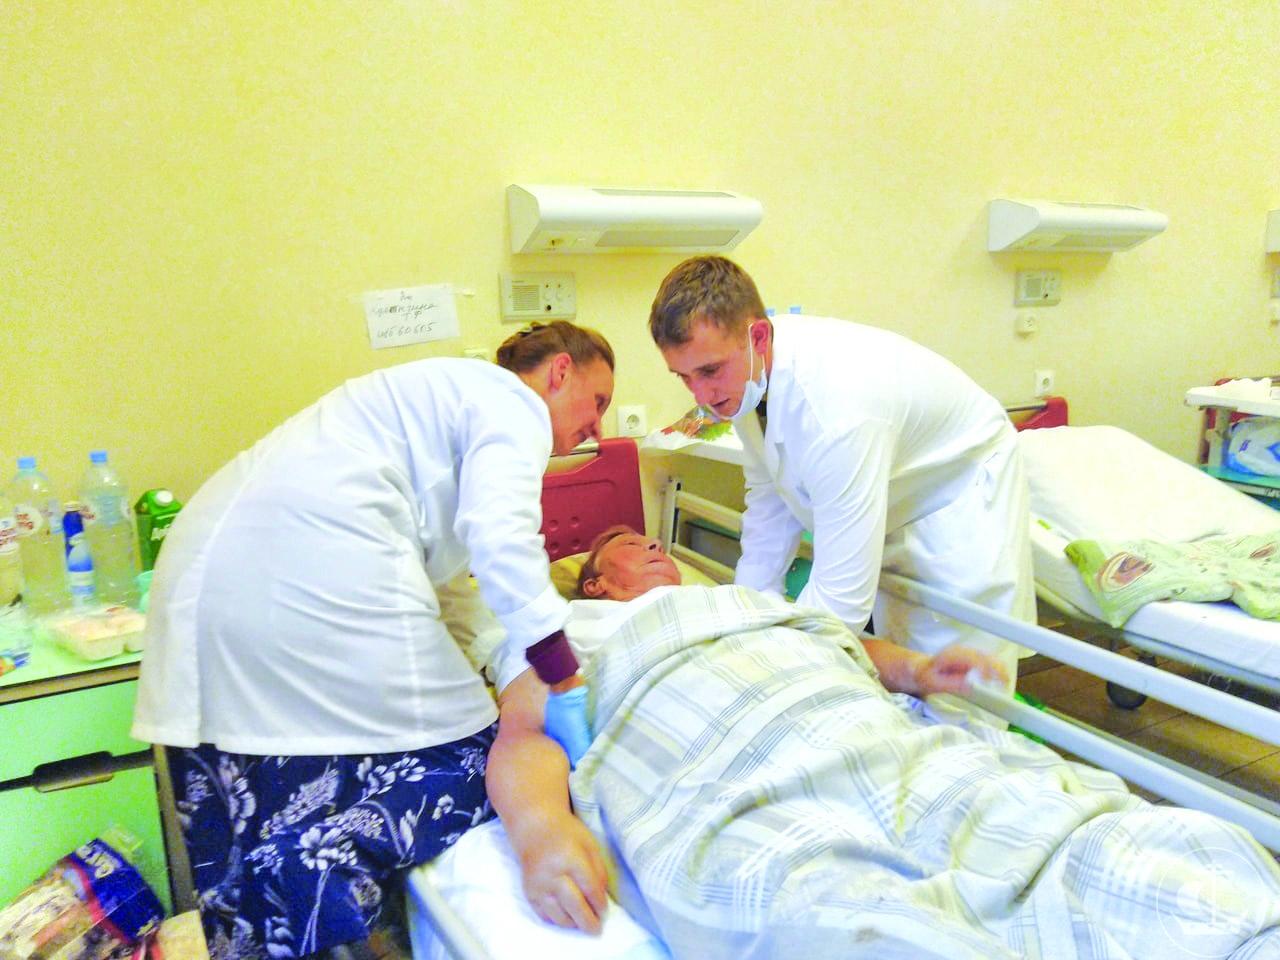 Помощь Покровской общине в Мариинской больнице. Юрий Дубовский - на фото справа